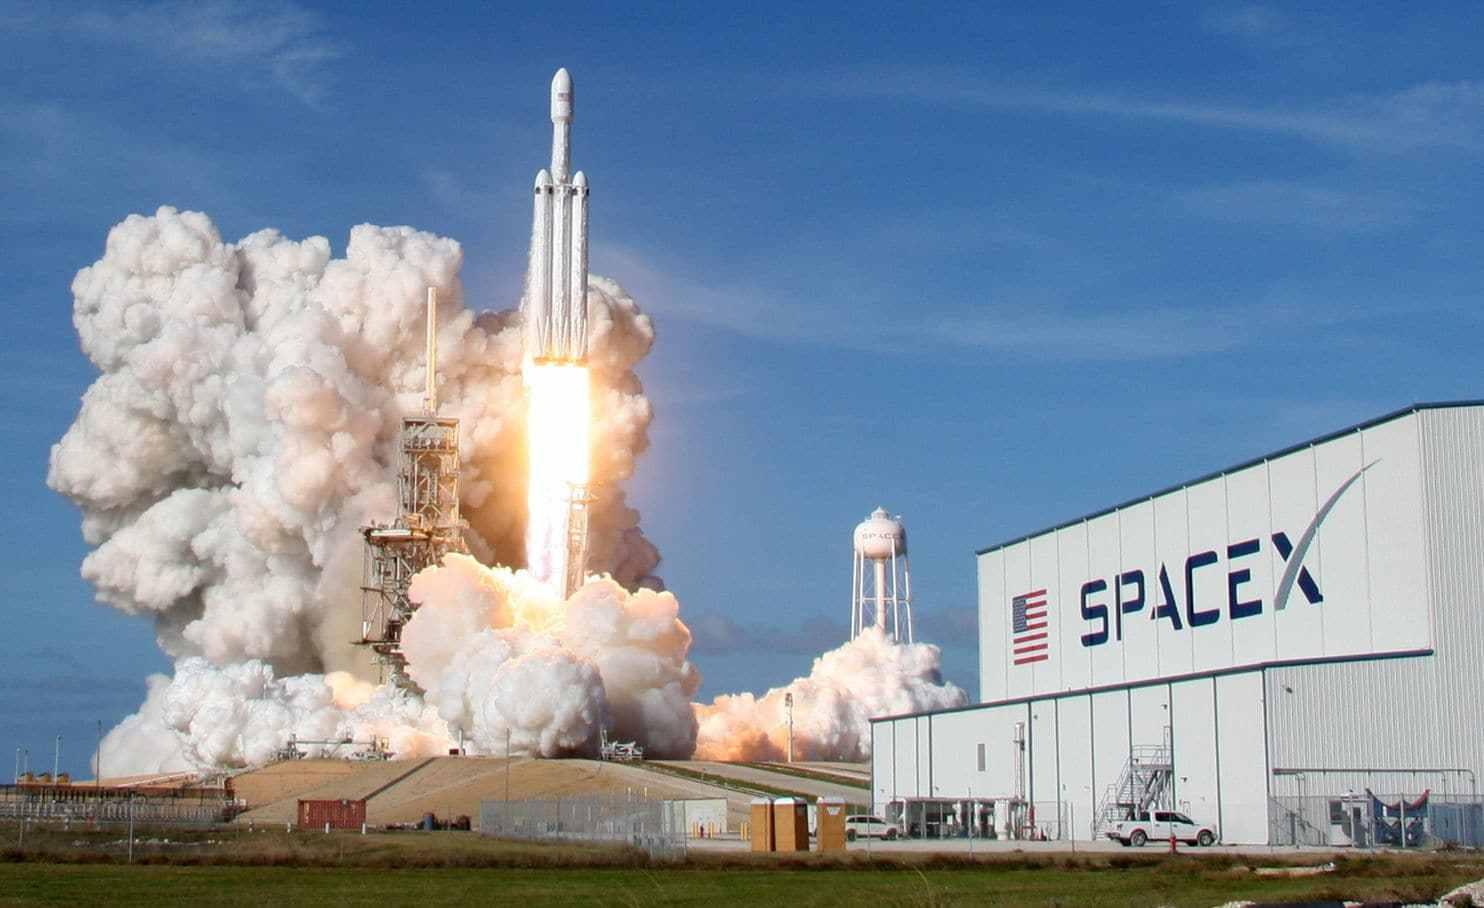 马斯克太空网计划扩大 FCC已允许1.2万颗卫星入轨